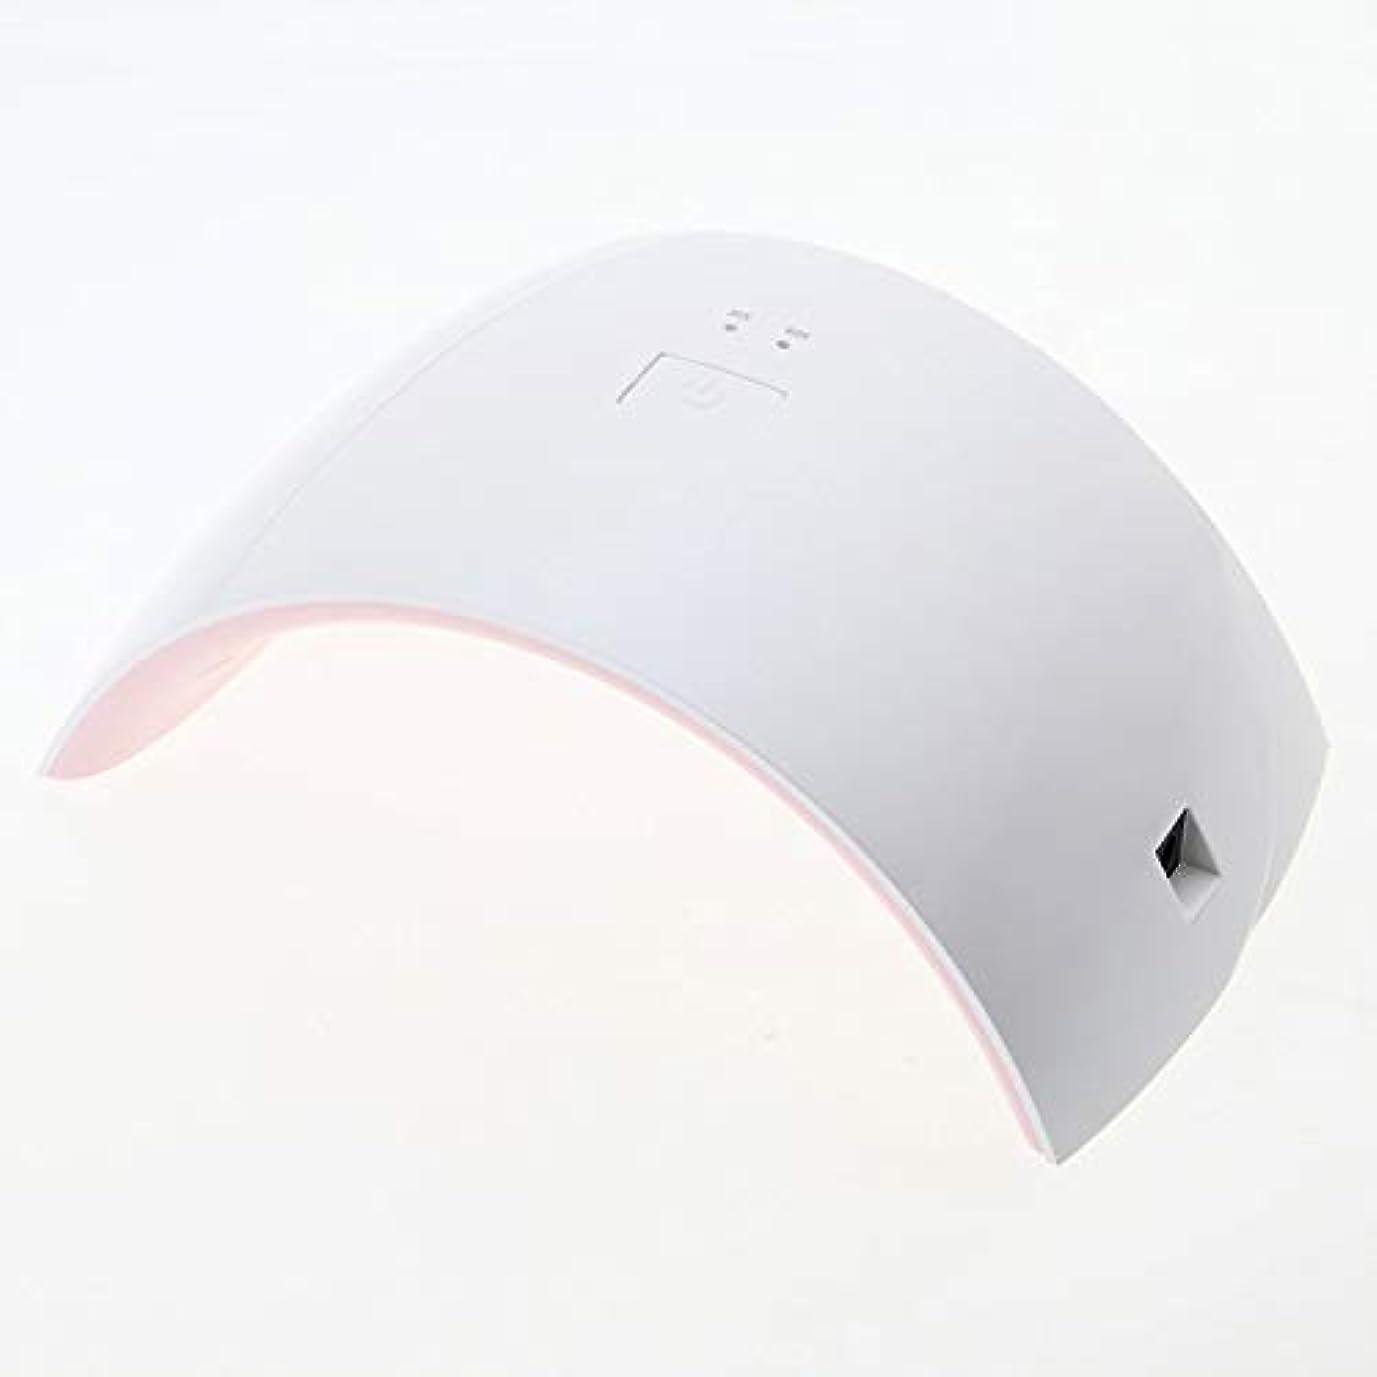 ロマンス広く変数30/60秒タイマーとスマートセンサー付きジェルネイルドライヤー用24W LED UVネイルライト